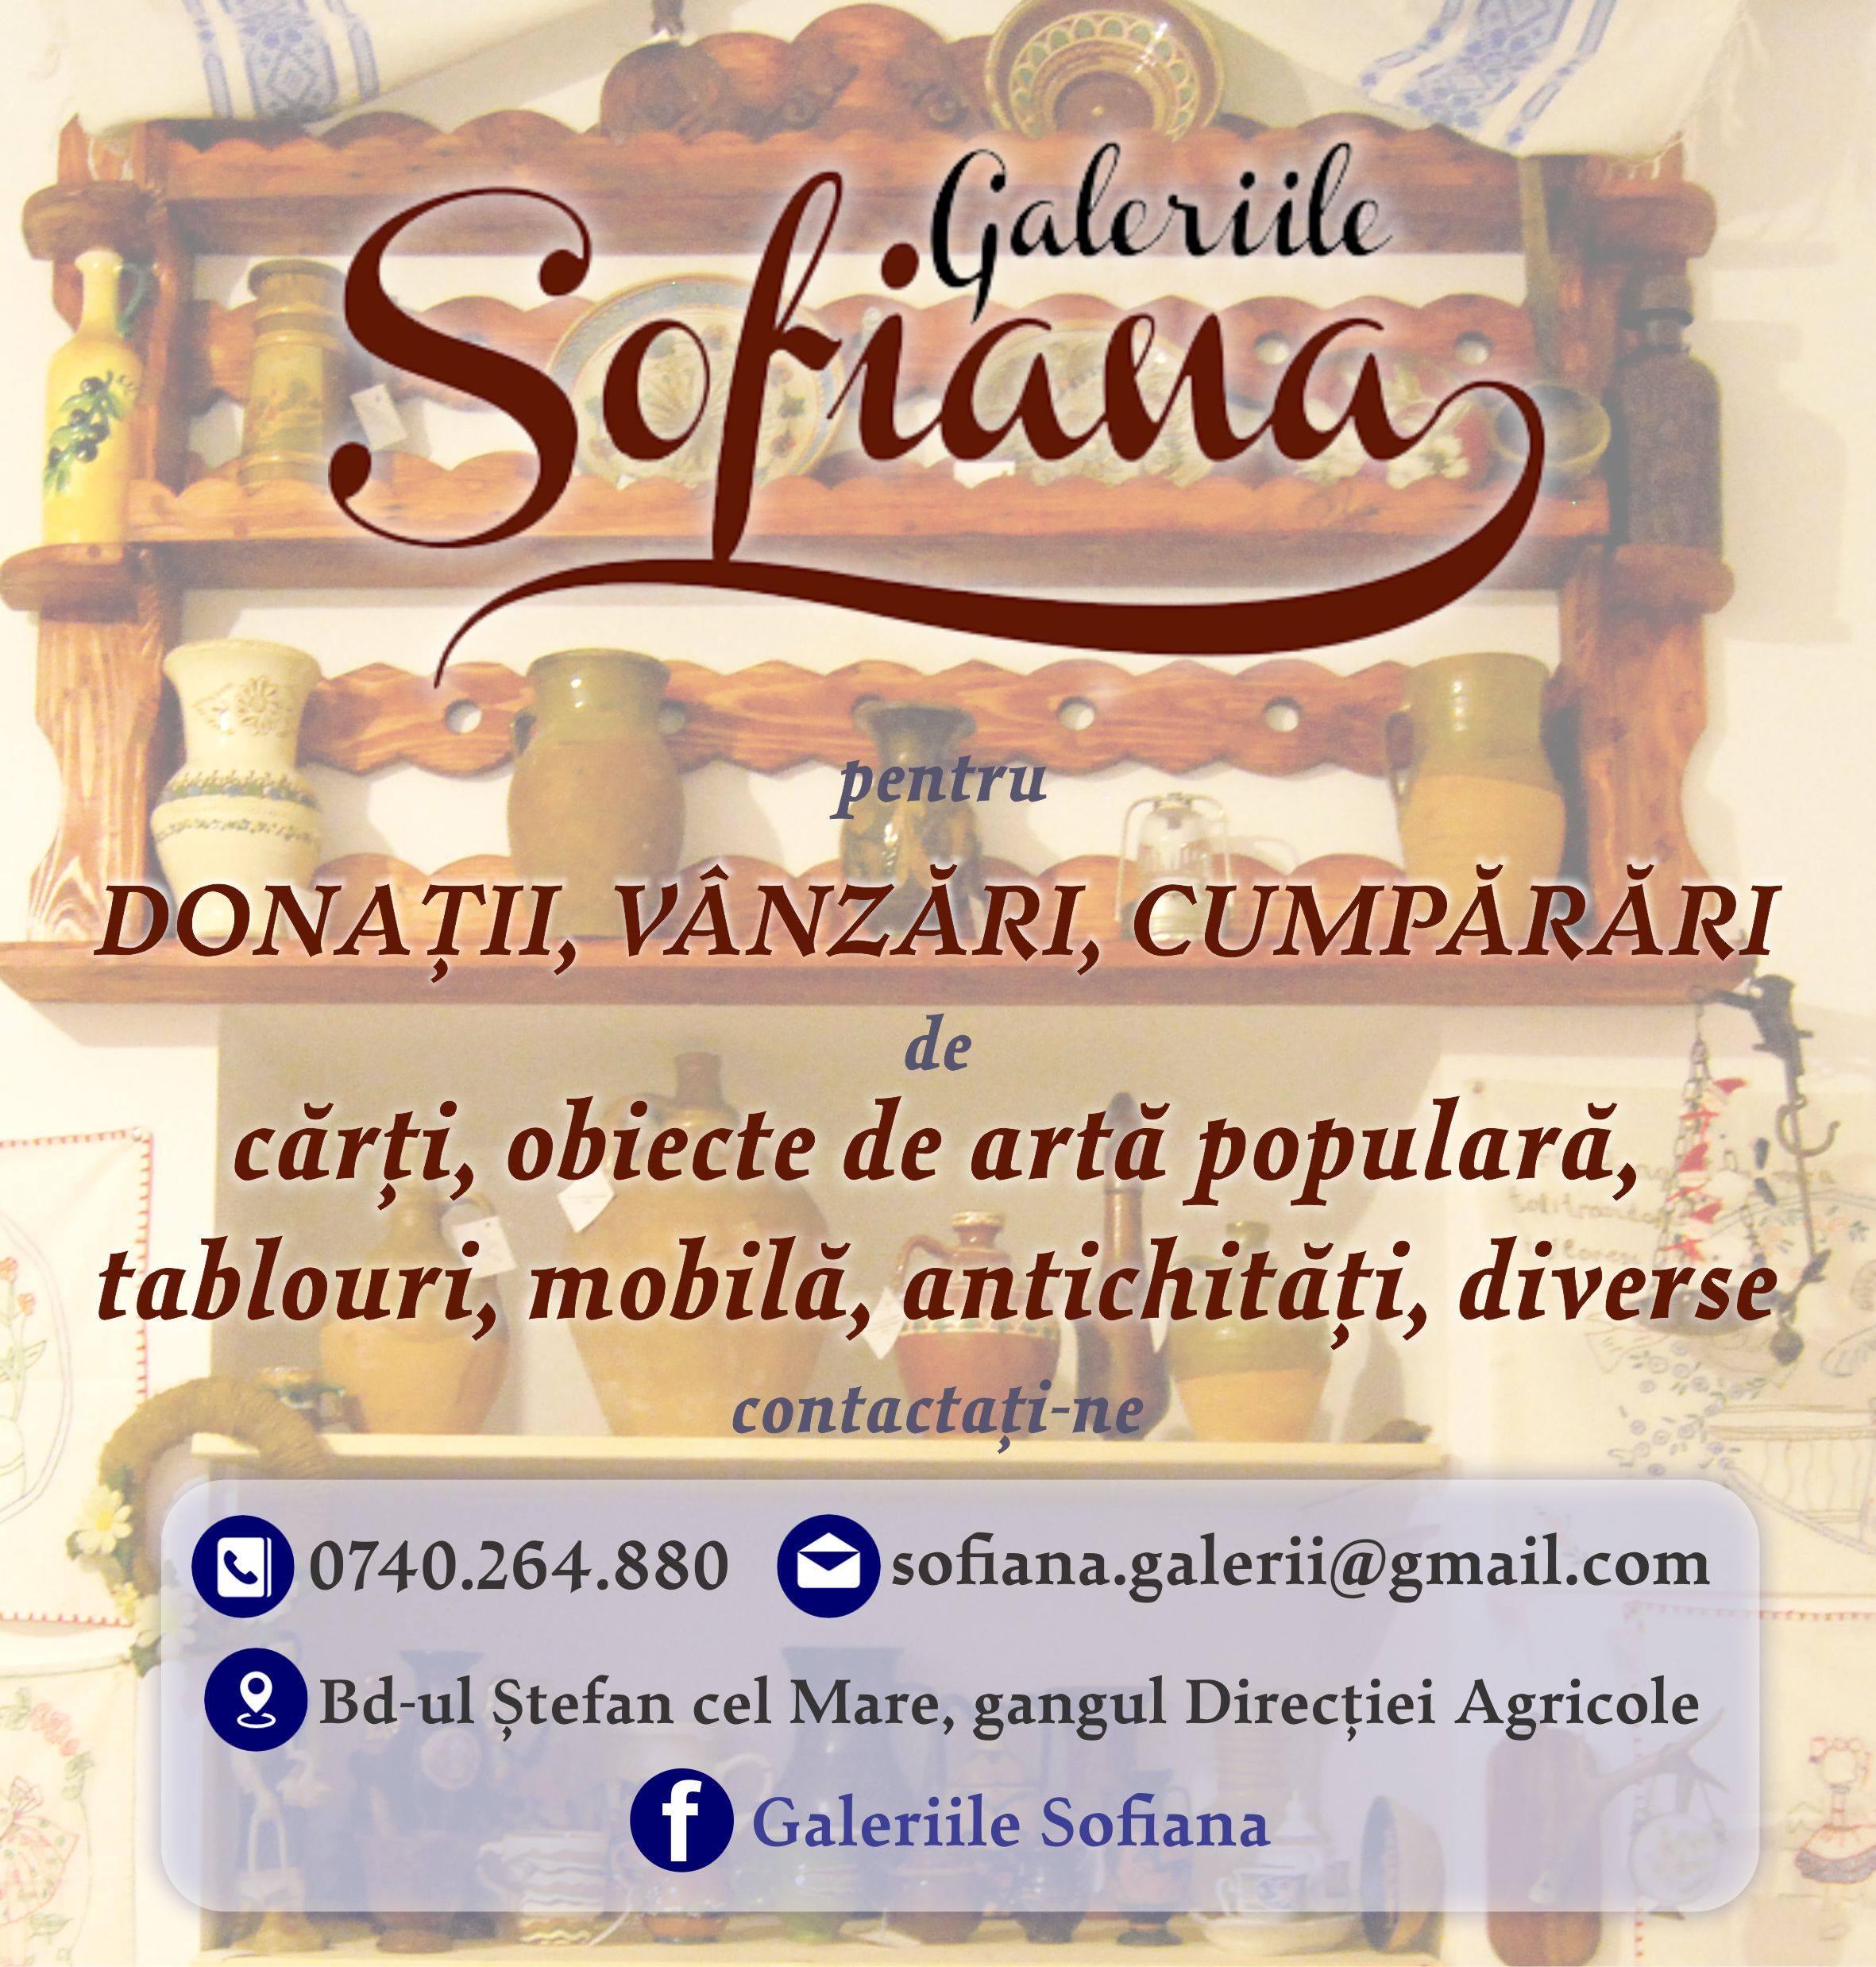 Galeriile Sofiana